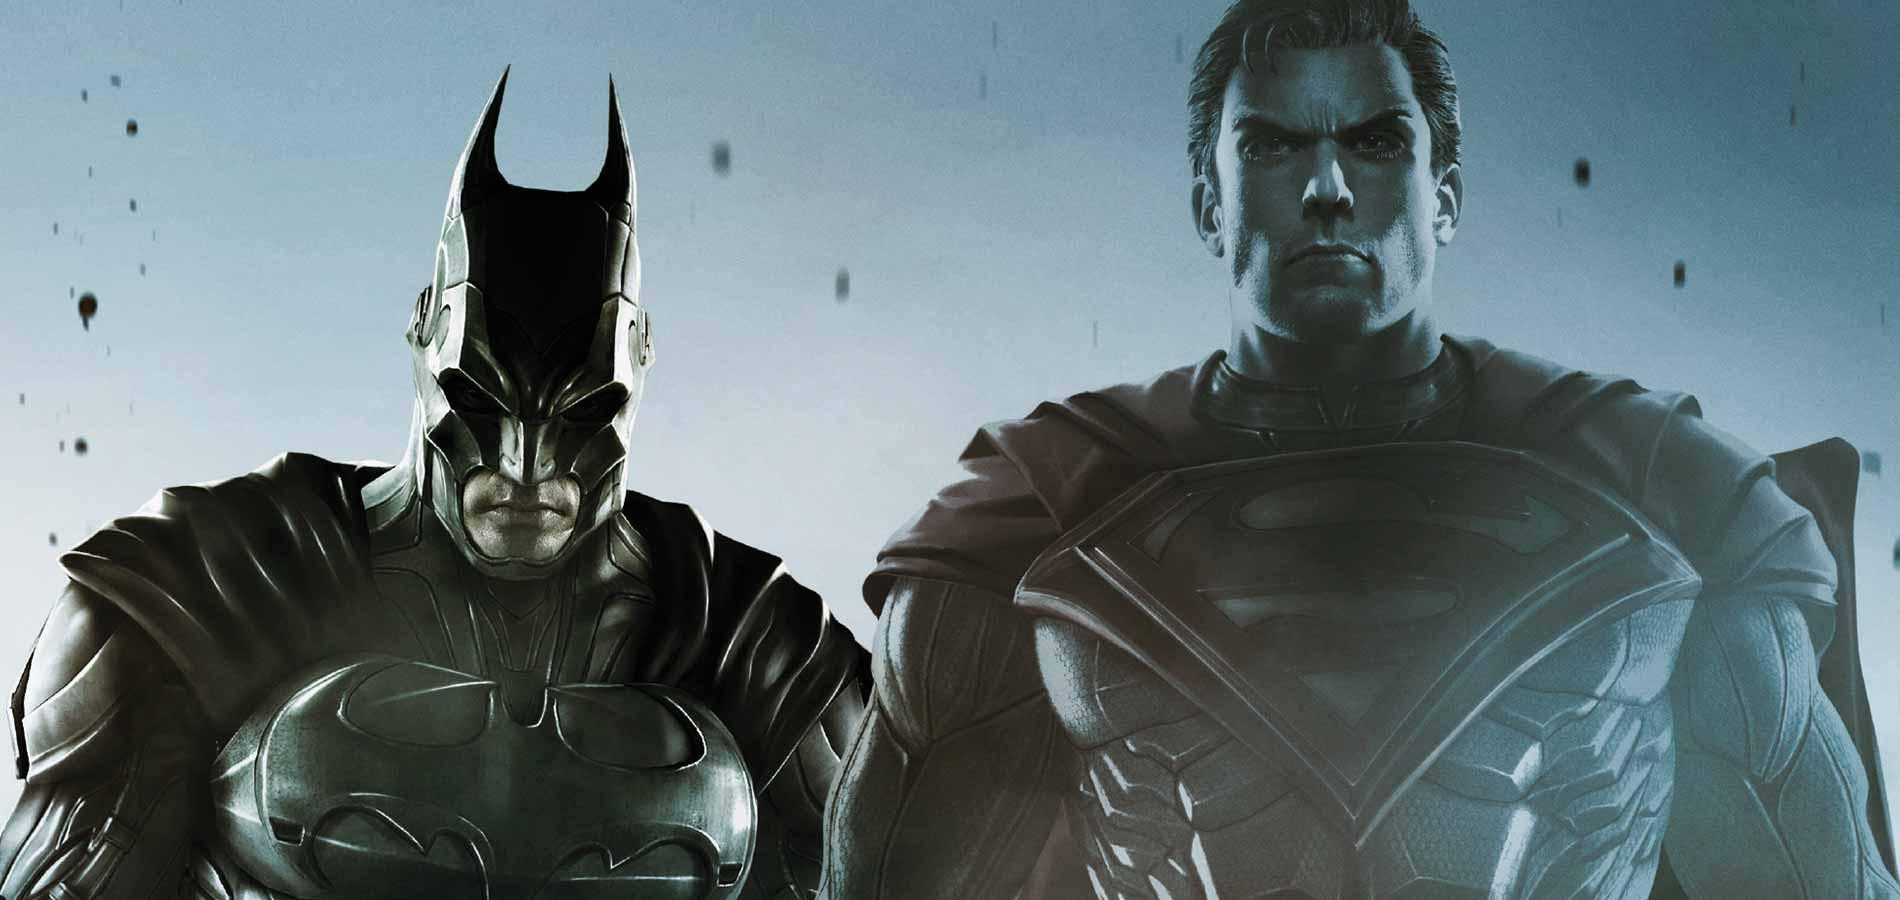 Los creadores de Mortal Kombat podrían estar desarrollando un juego de lucha de Marvel 2